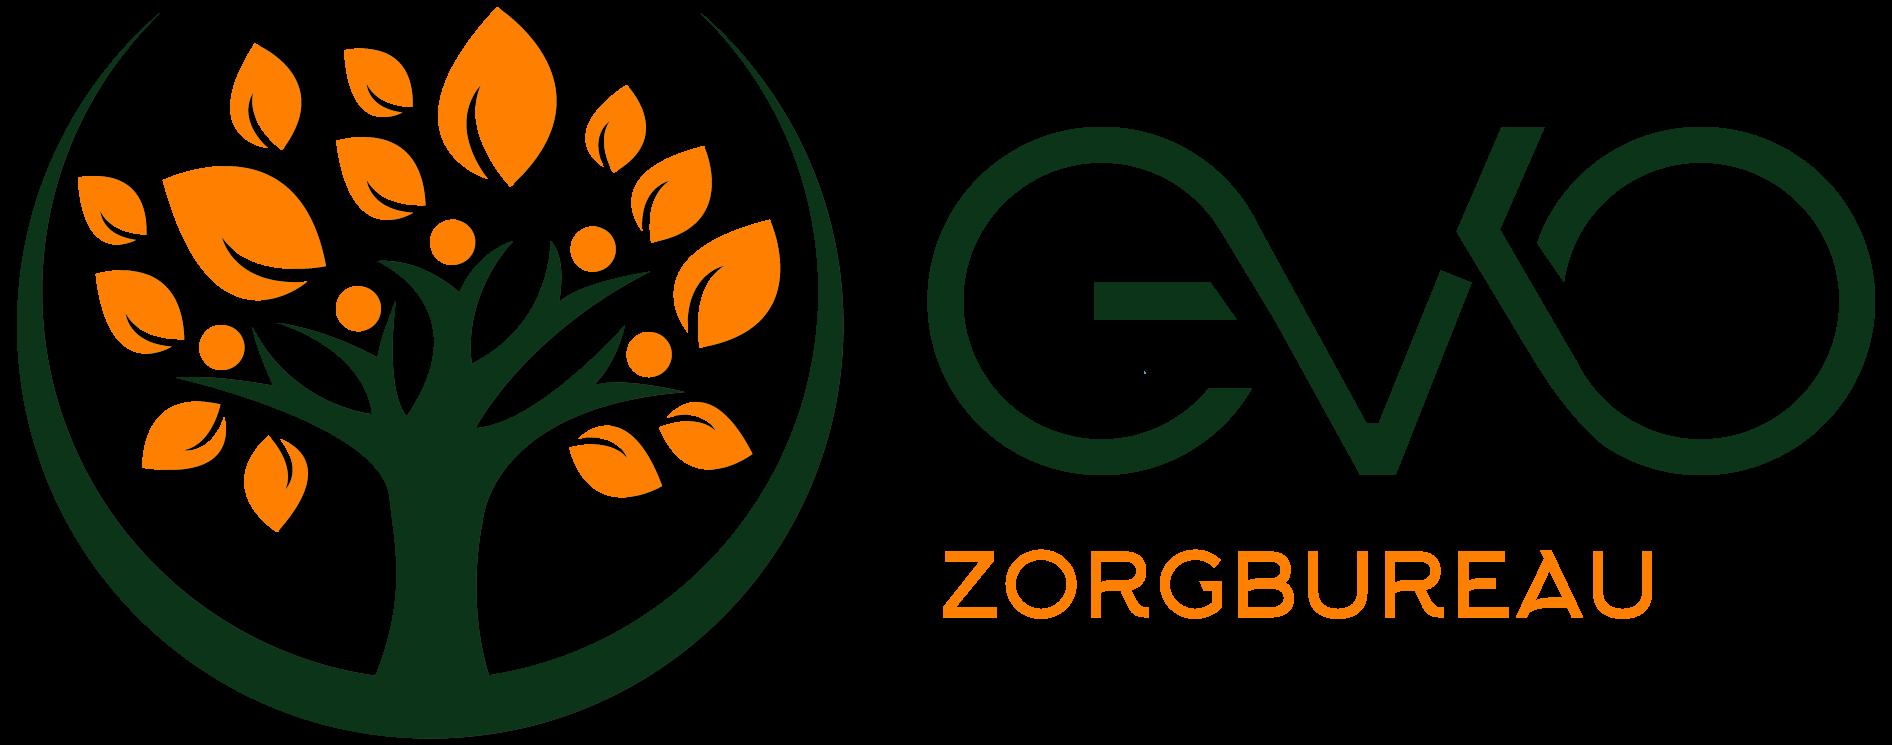 E.V.O. Zorgbureau